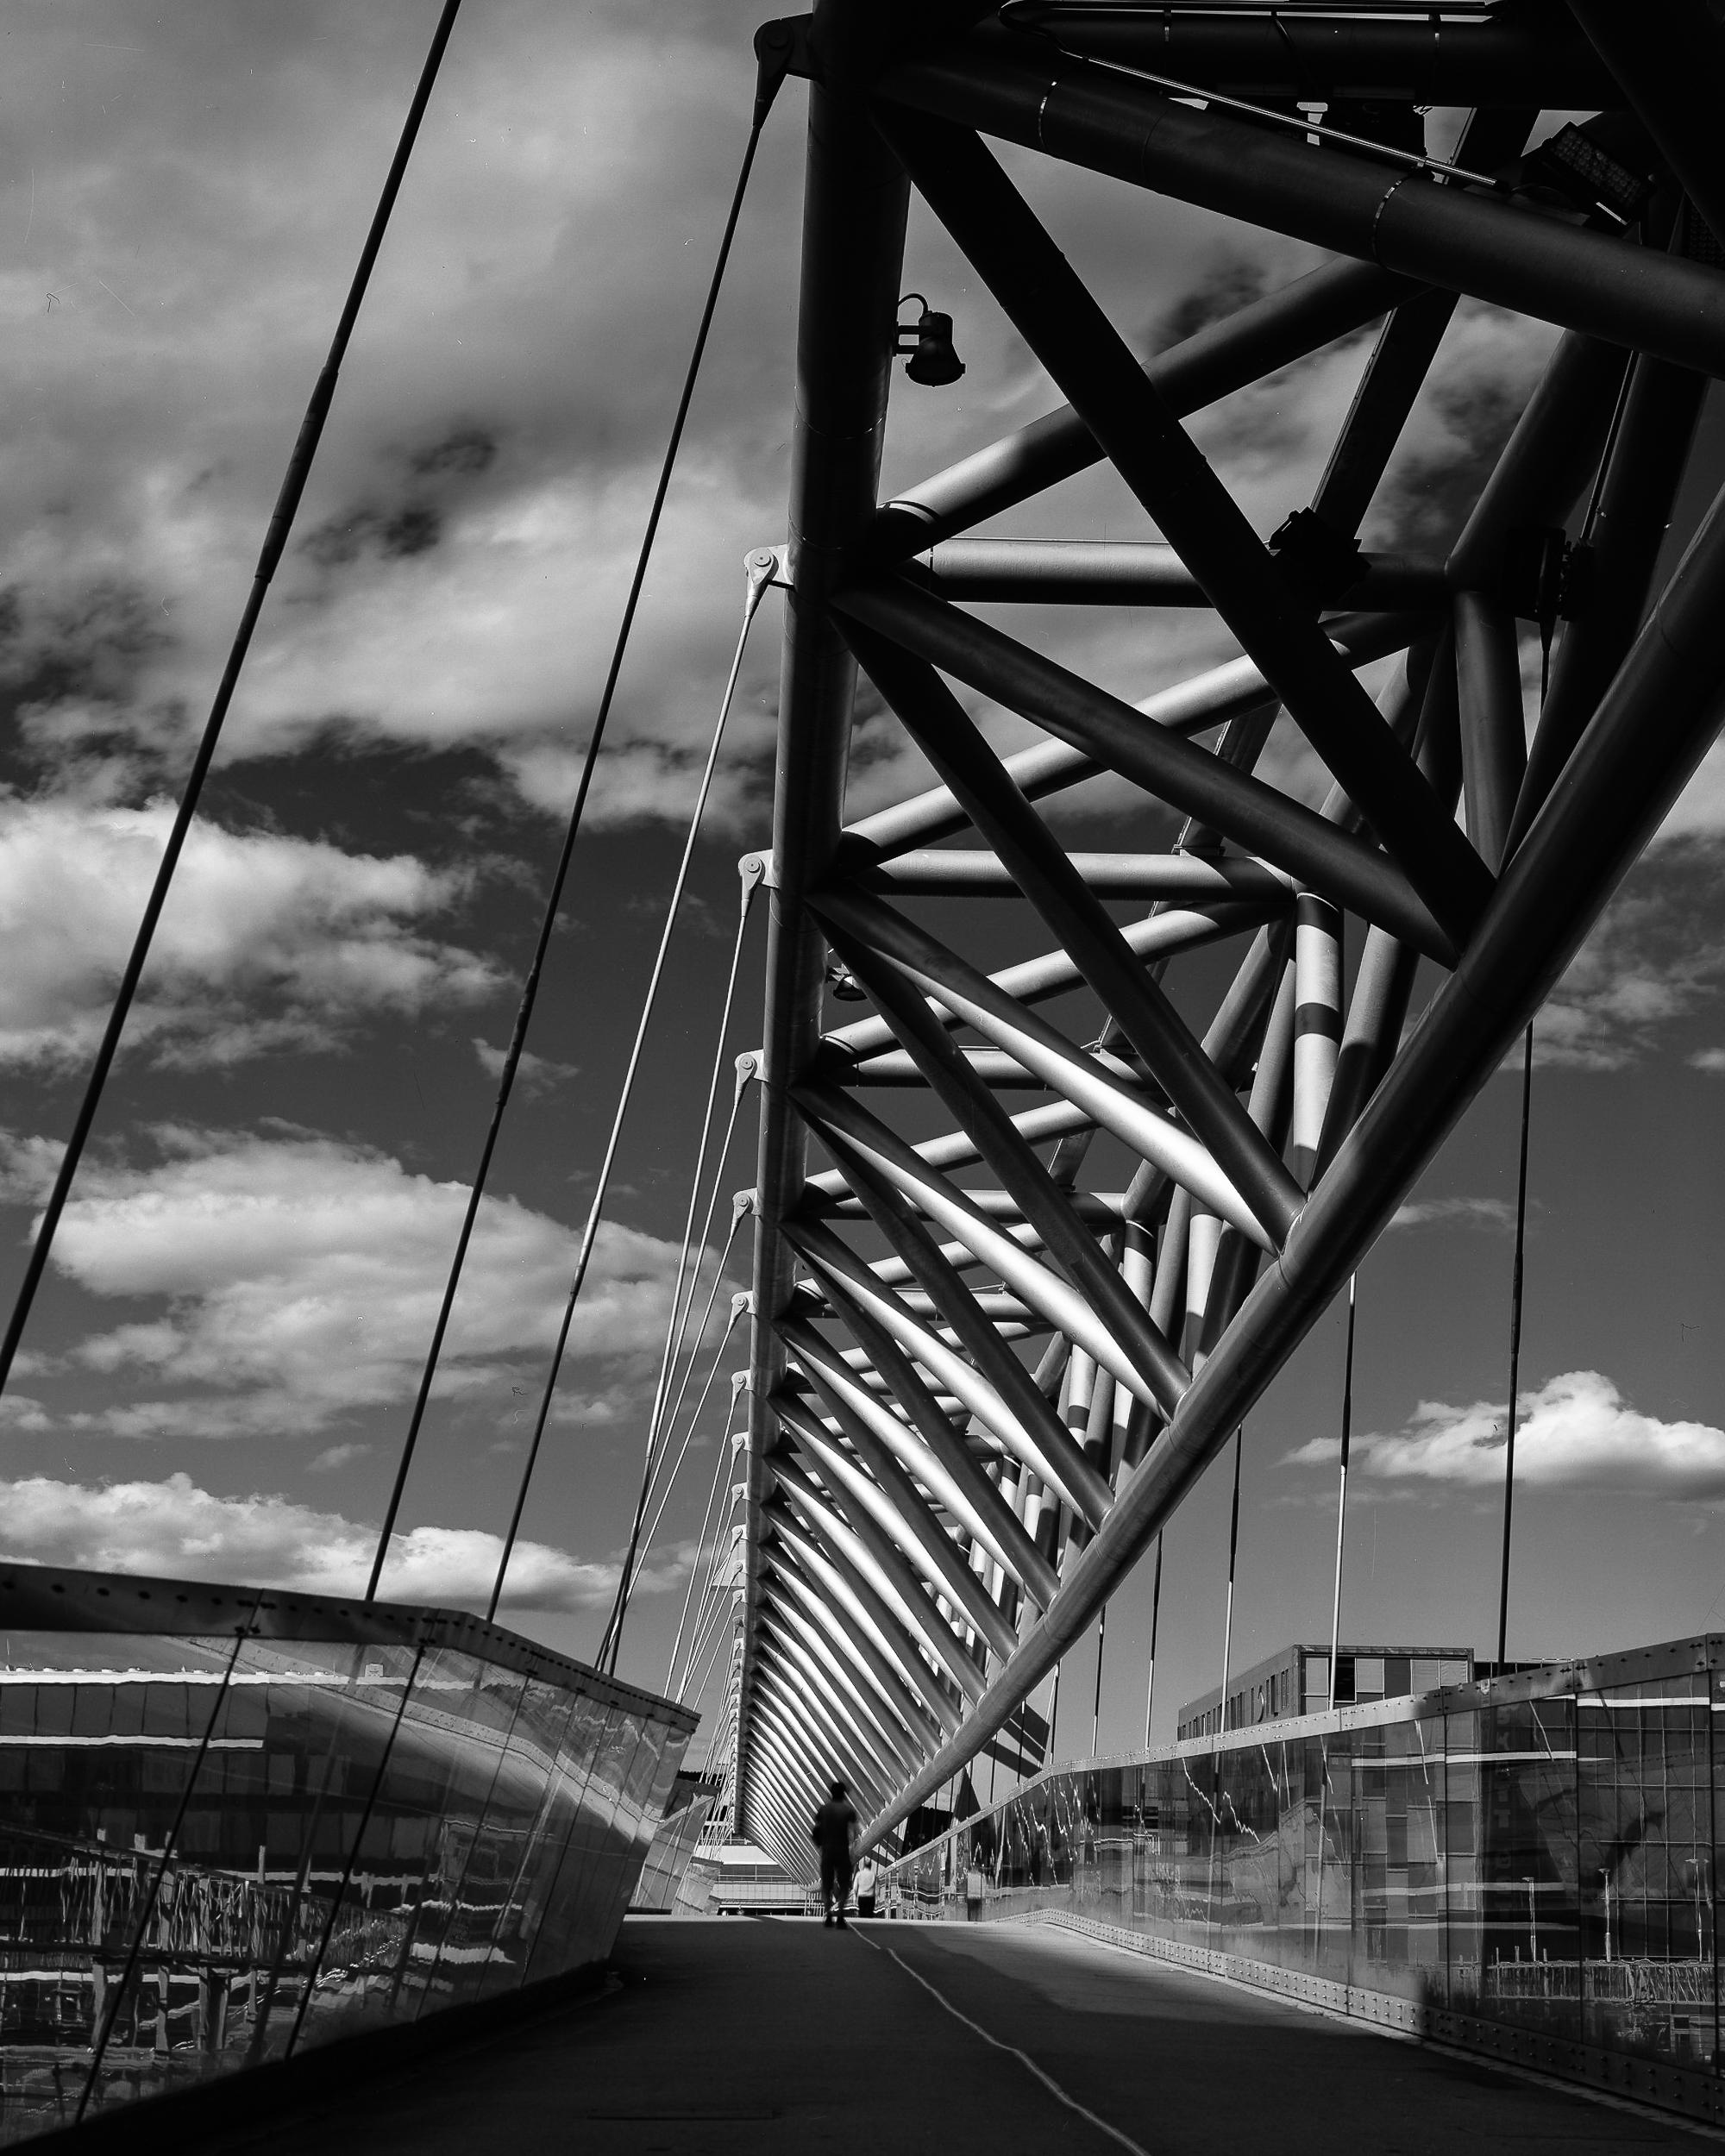 Akrobaten Bridge-Akrobaten bro028-©Bjørn Joachimsen.jpg